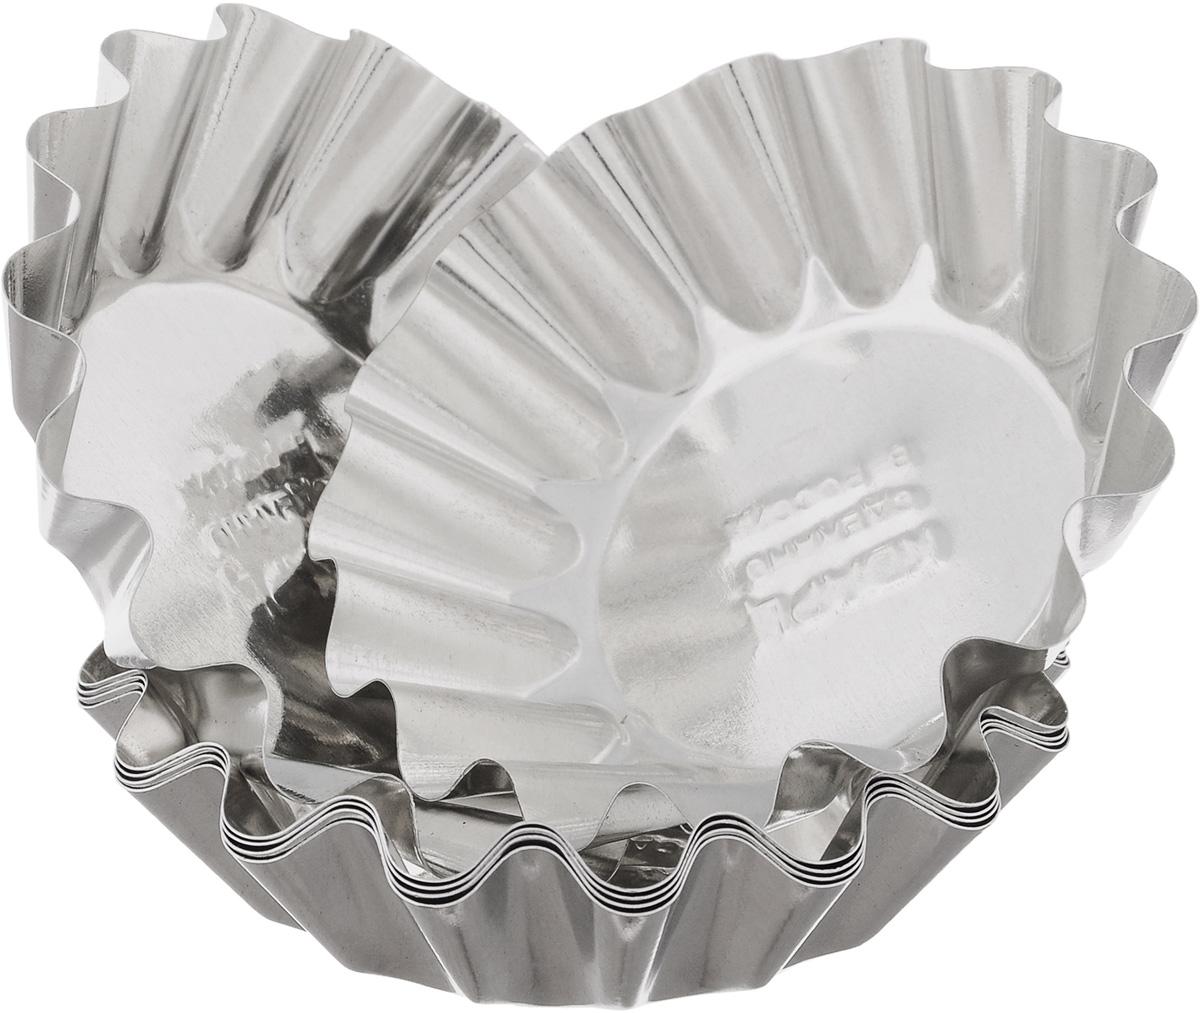 Набор форм для выпечки Кварц, диаметр 8,3 см, 6 шт391602Набор Кварц состоит из шести форм, выполненных из белой жести. Формы предназначены для выпечки и приготовления желе. Стенки изделий рельефные.С набором форм Кварц вы всегда сможете порадовать своих близких оригинальной выпечкой.Диаметр форм (по верхнему краю): 8,3 см.Высота форм: 2,1 см.